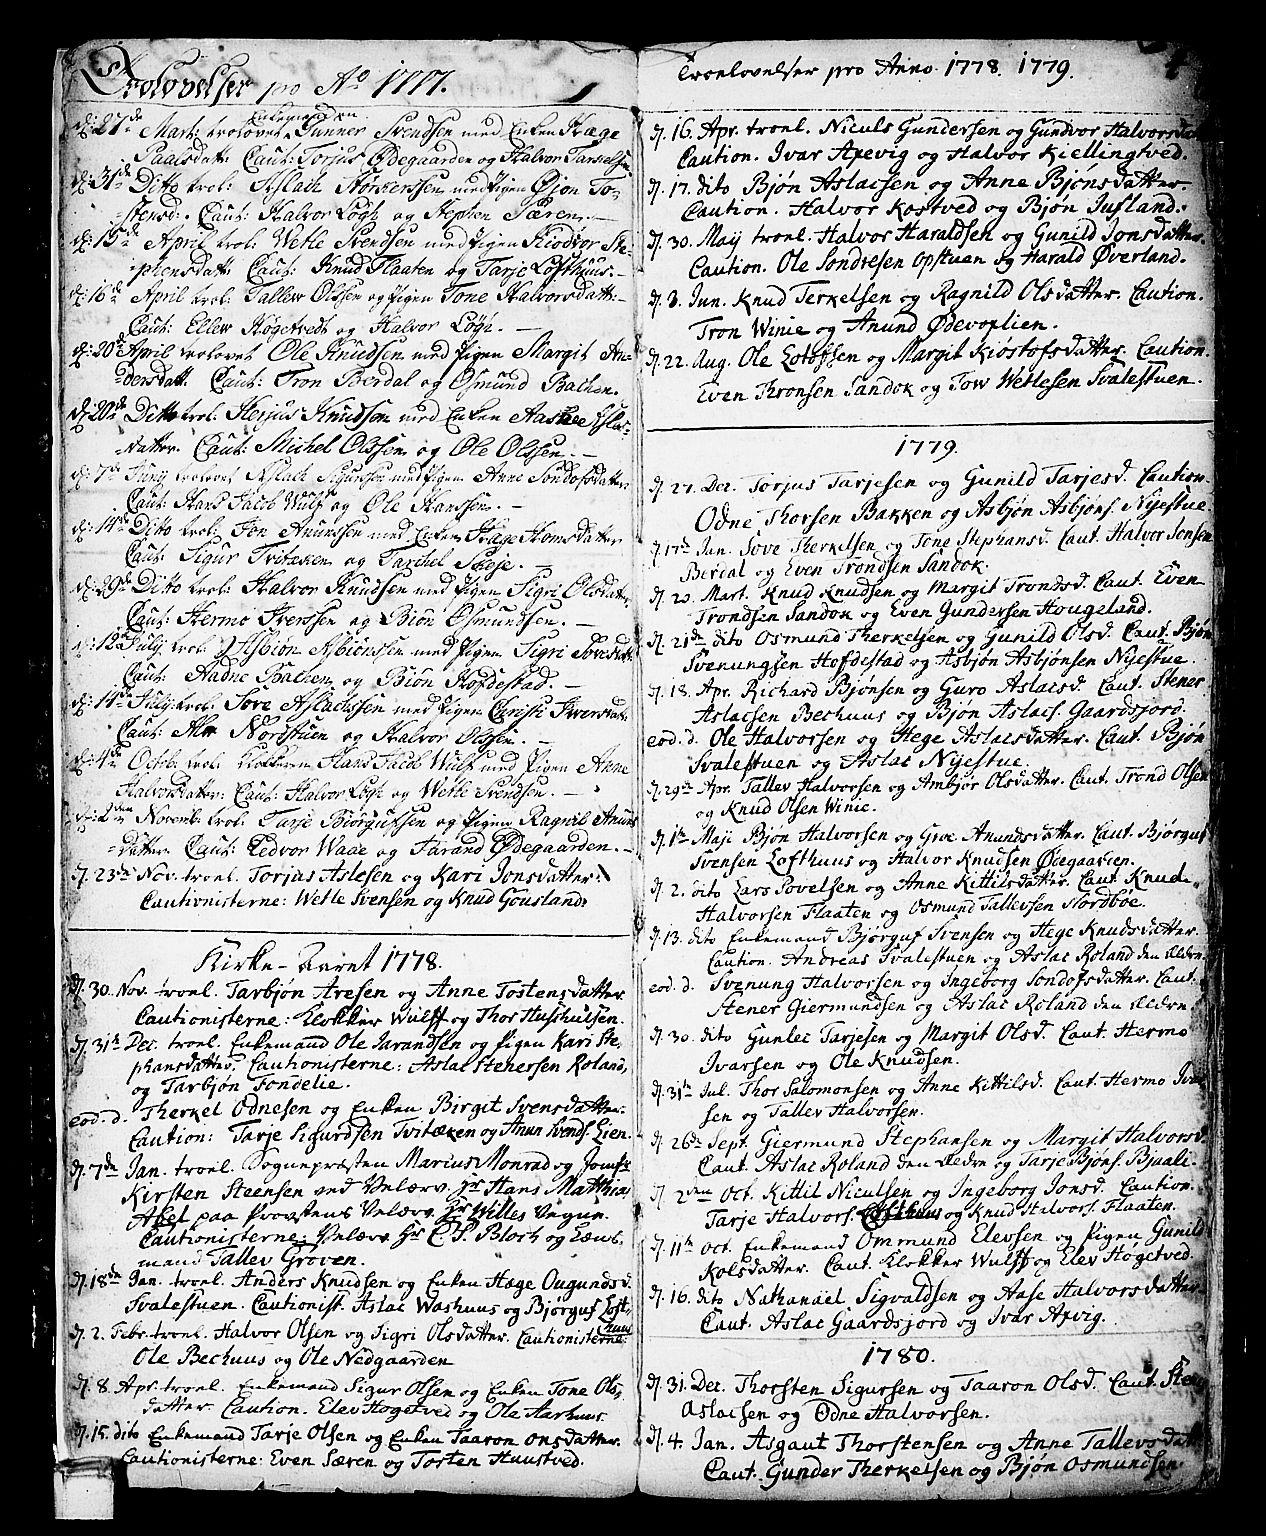 SAKO, Vinje kirkebøker, F/Fa/L0002: Ministerialbok nr. I 2, 1767-1814, s. 4